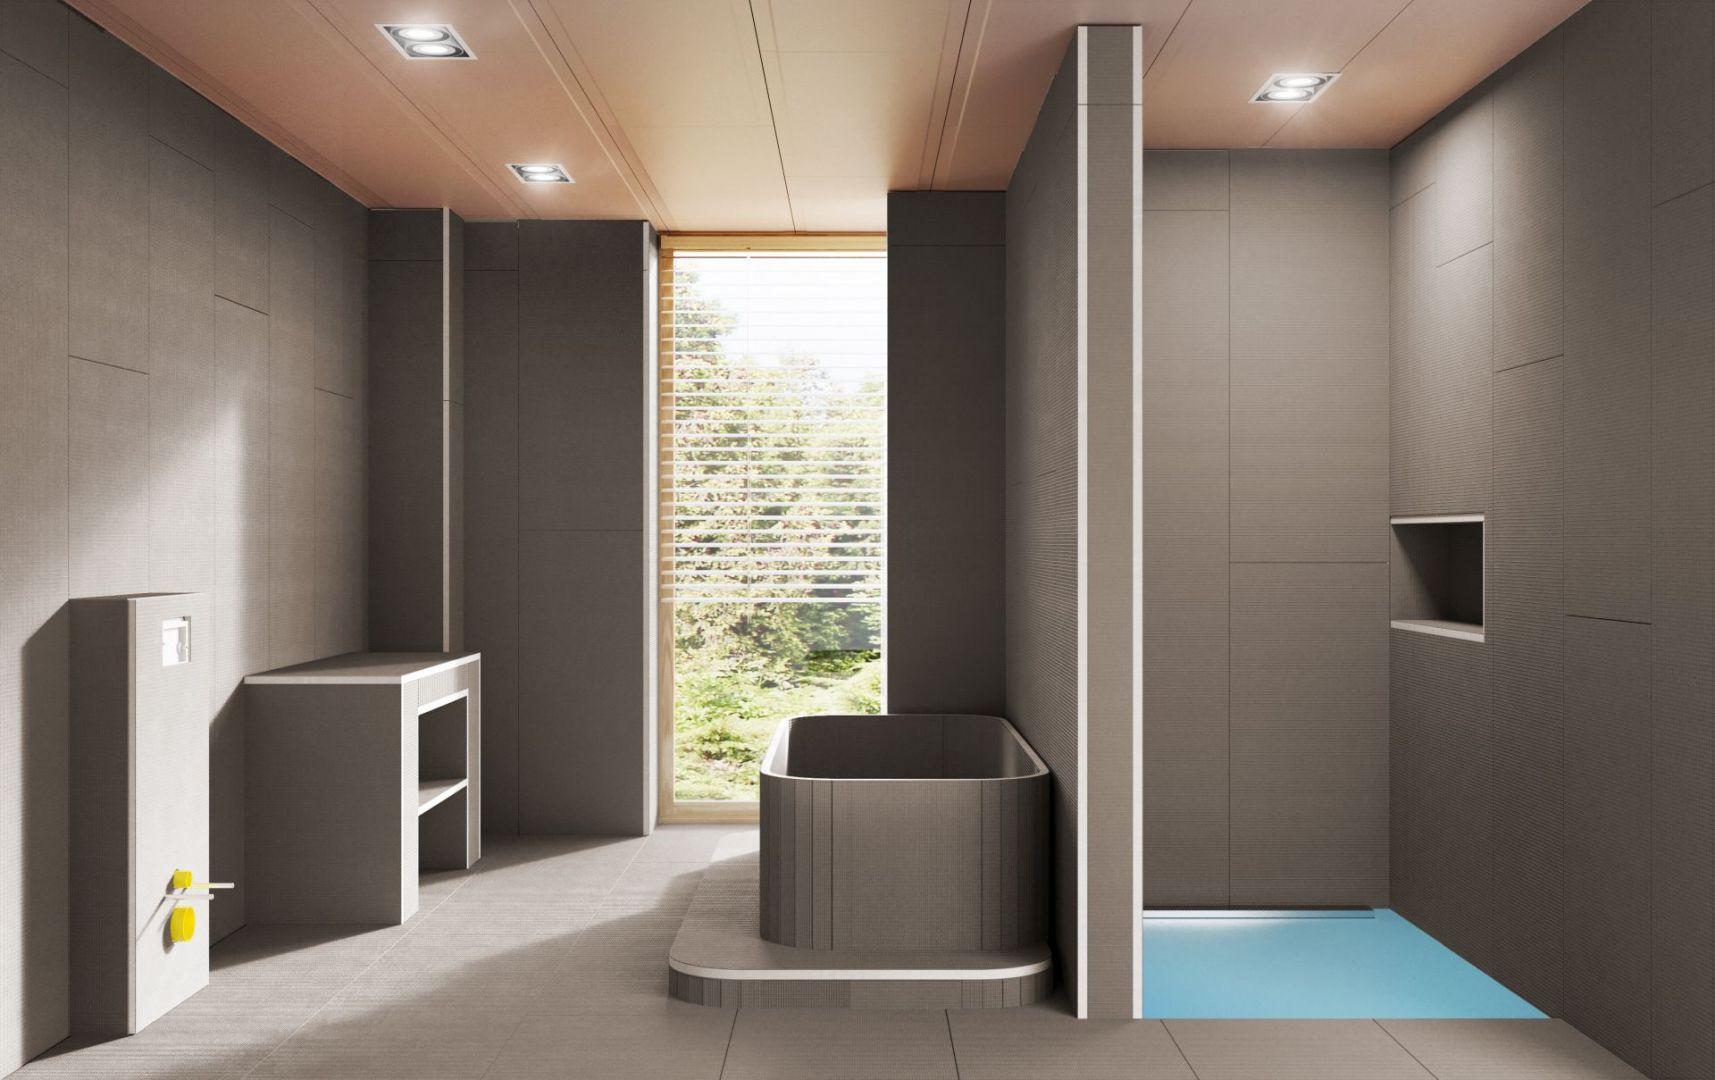 Płyty budowlane powstały po to, aby maksymalnie ułatwić i przyspieszyć prace budowlano-remontowe w pomieszczeniach o podwyższonym stopniu wilgotności. Fot. Ultramet